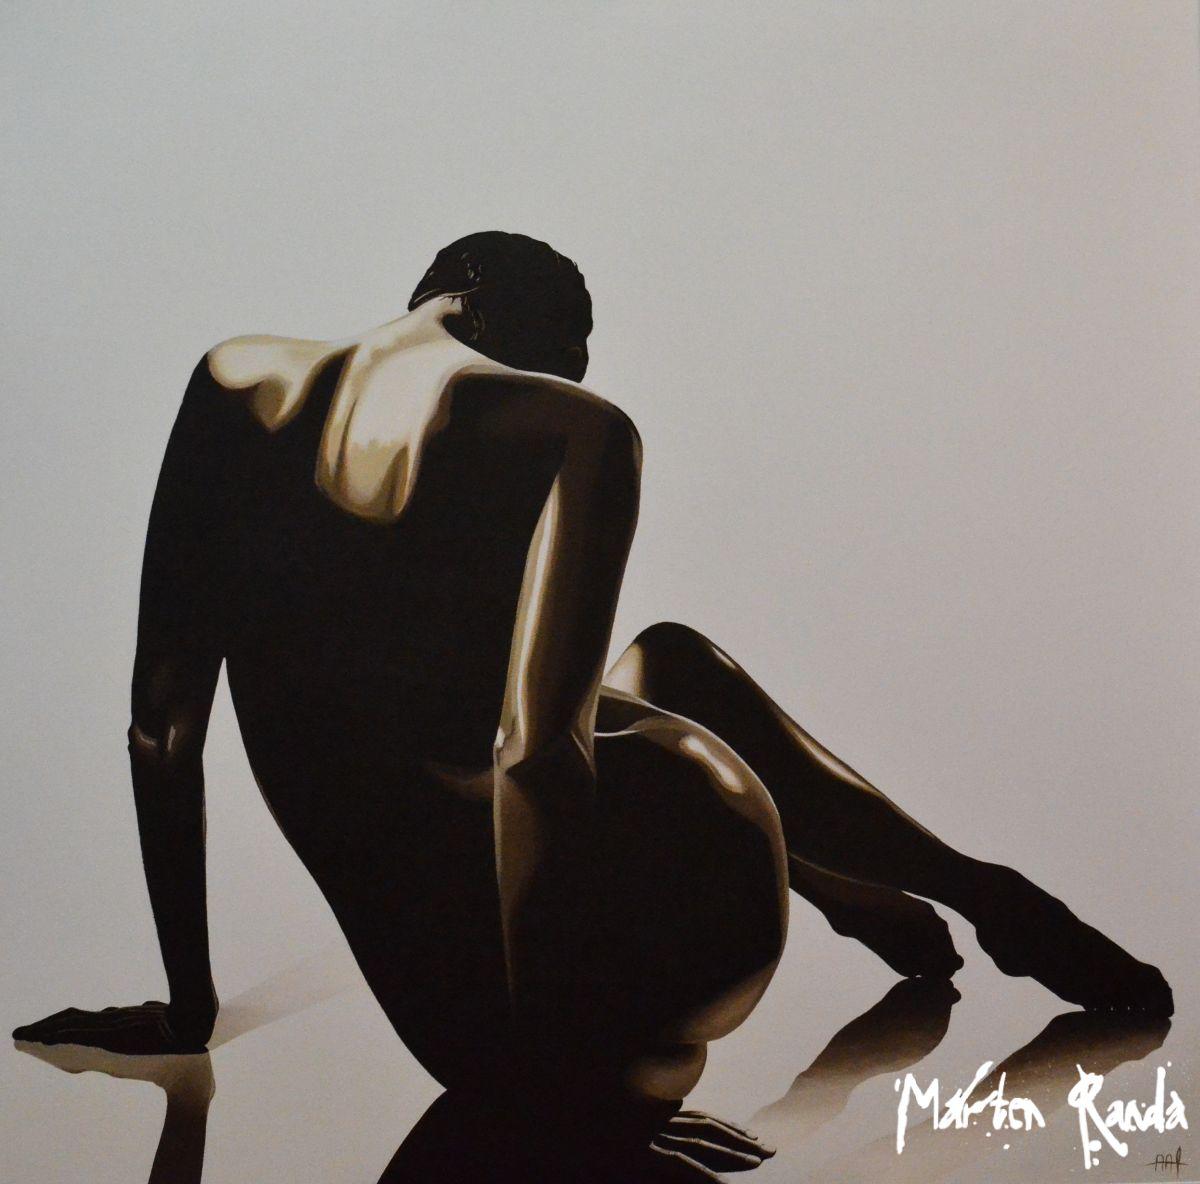 Galerie Marten Randa, Aaf Pierik, Vrouw op spiegel.jpg